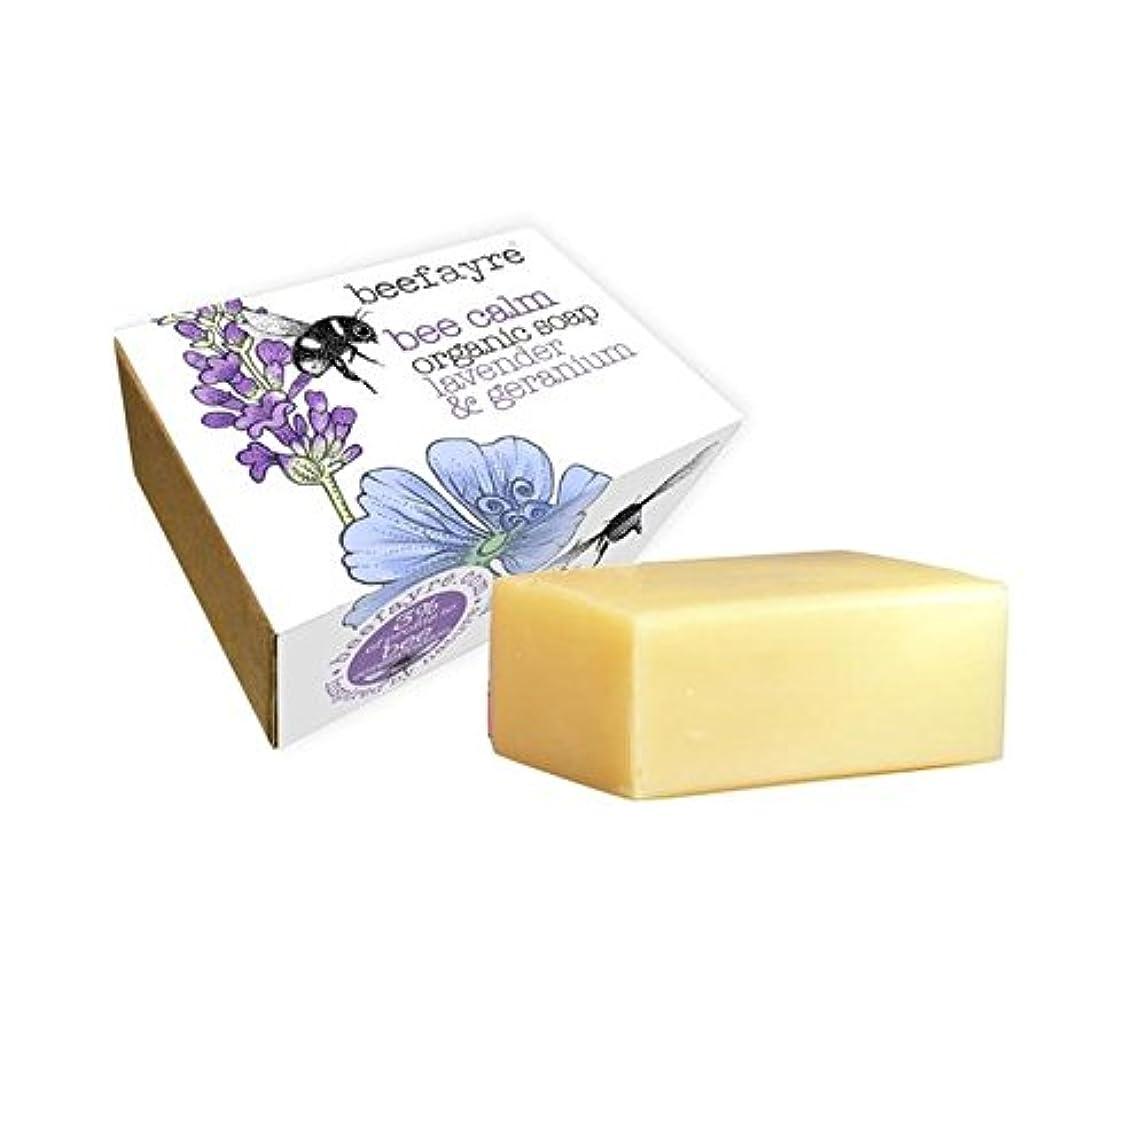 安いです憂鬱出身地有機ゼラニウム&ラベンダー石鹸 x4 - Beefayre Organic Geranium & Lavender Soap (Pack of 4) [並行輸入品]